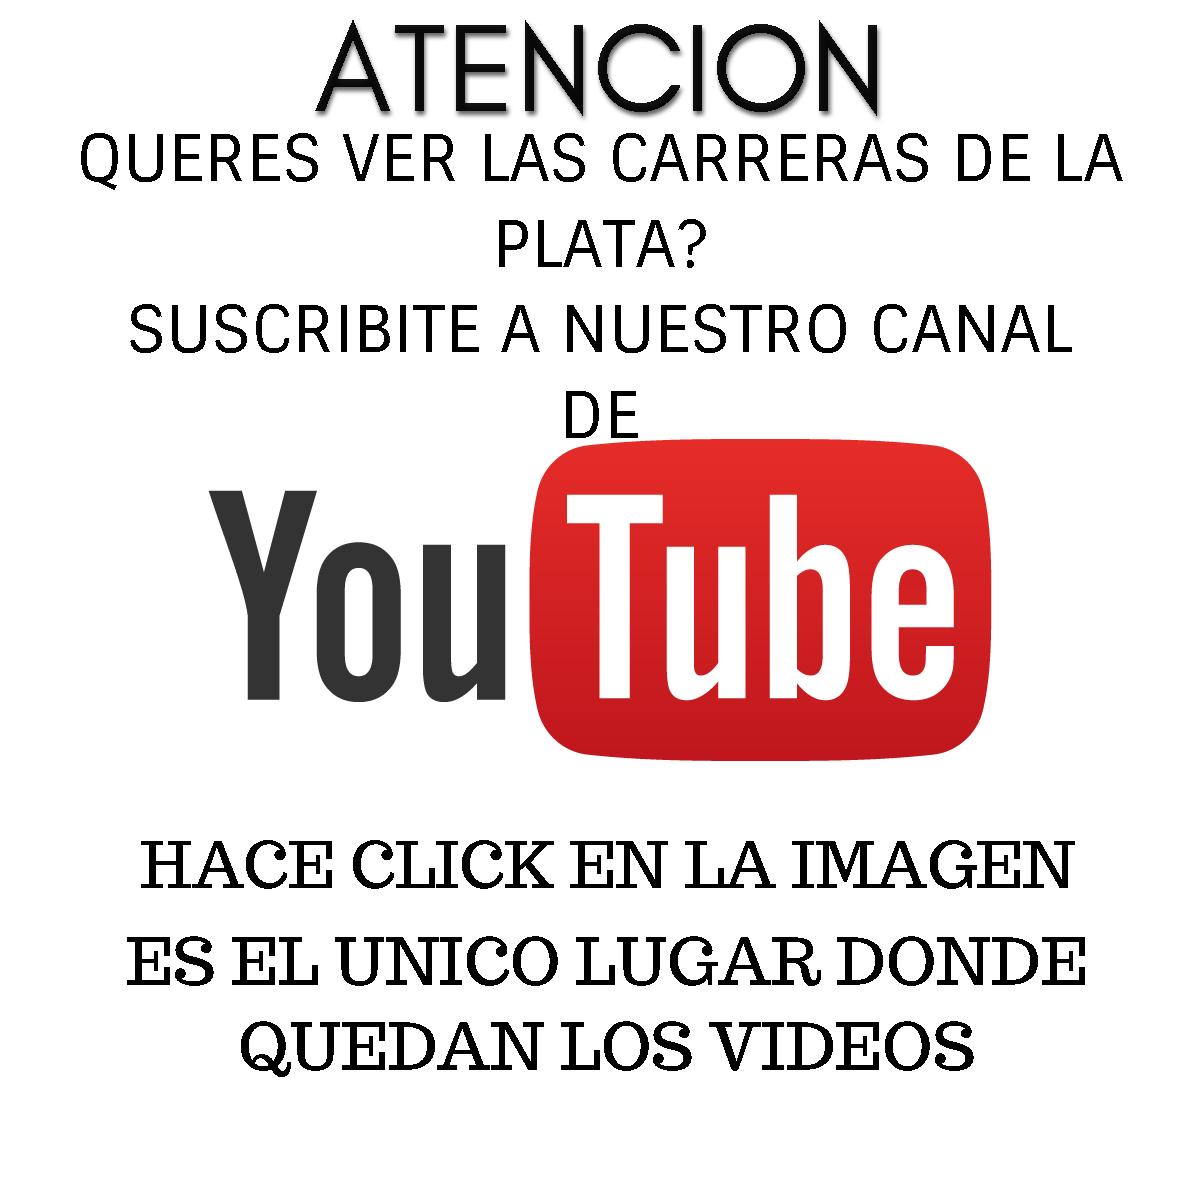 NUESTRO CANAL DE YOUTUBE!